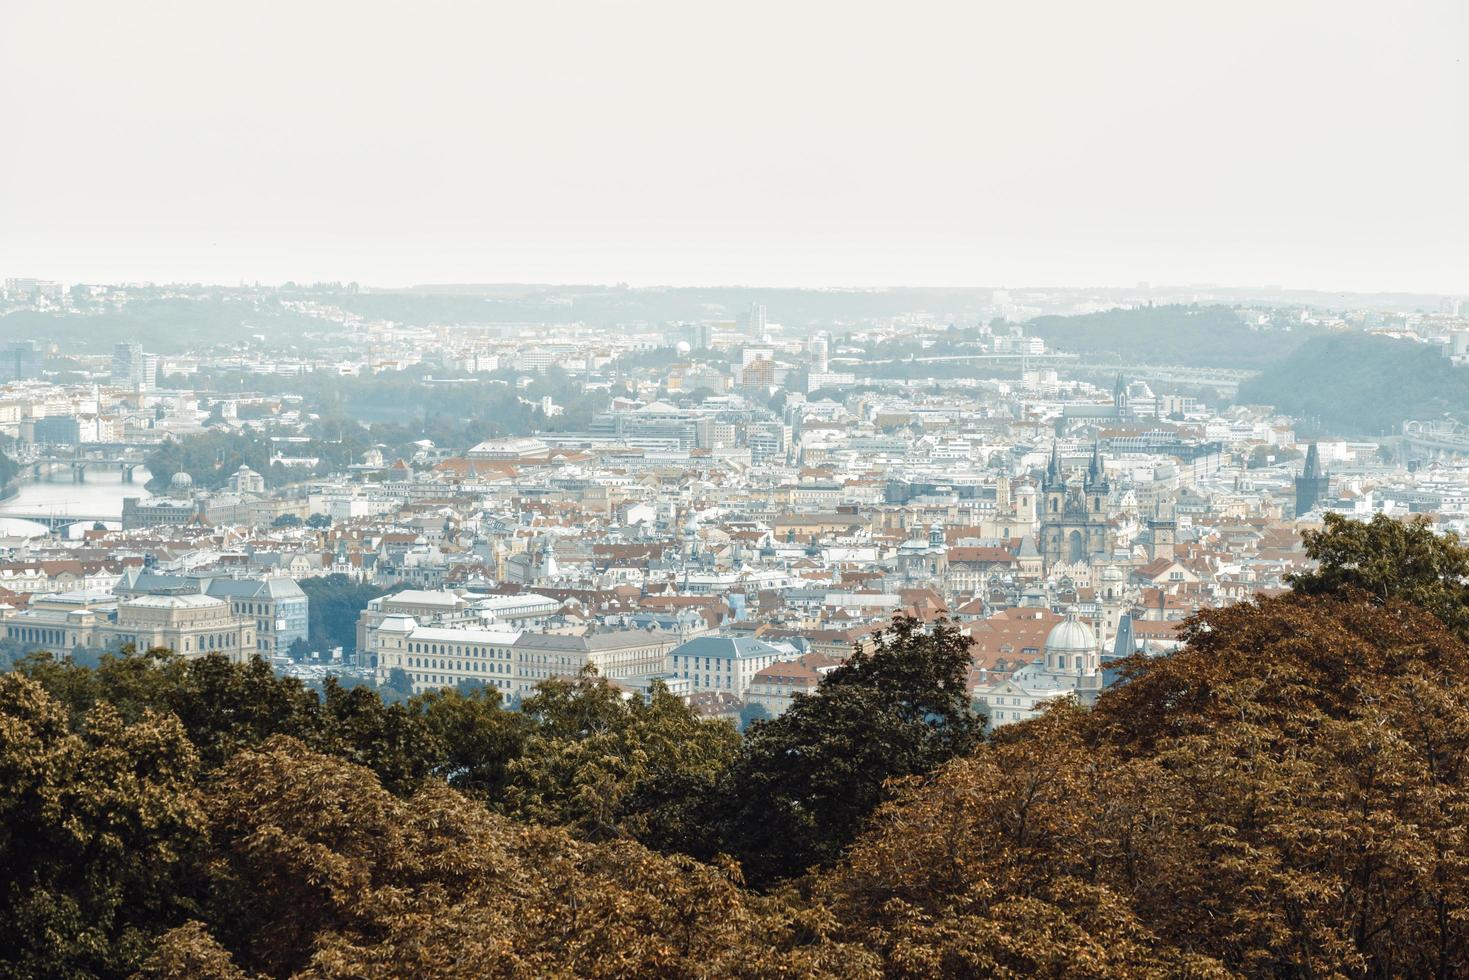 panorama över Prag från toppen av Petrin trädgårdar i Prag foto